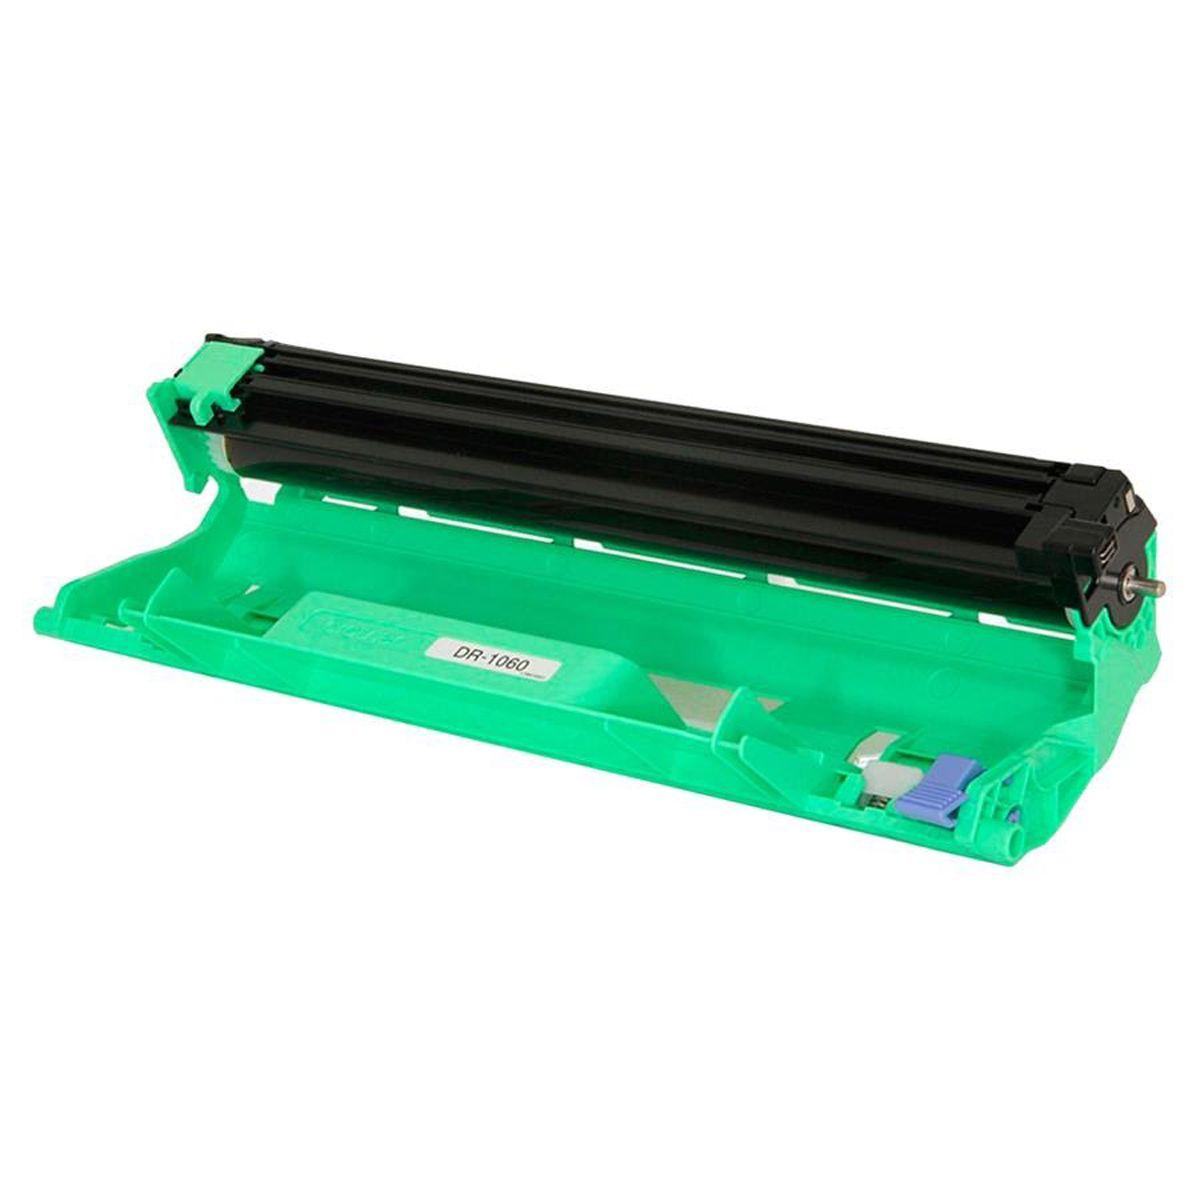 Fotocondutor DR1060 DR-1060 - DCP1512 DCP-1512 HL 1112